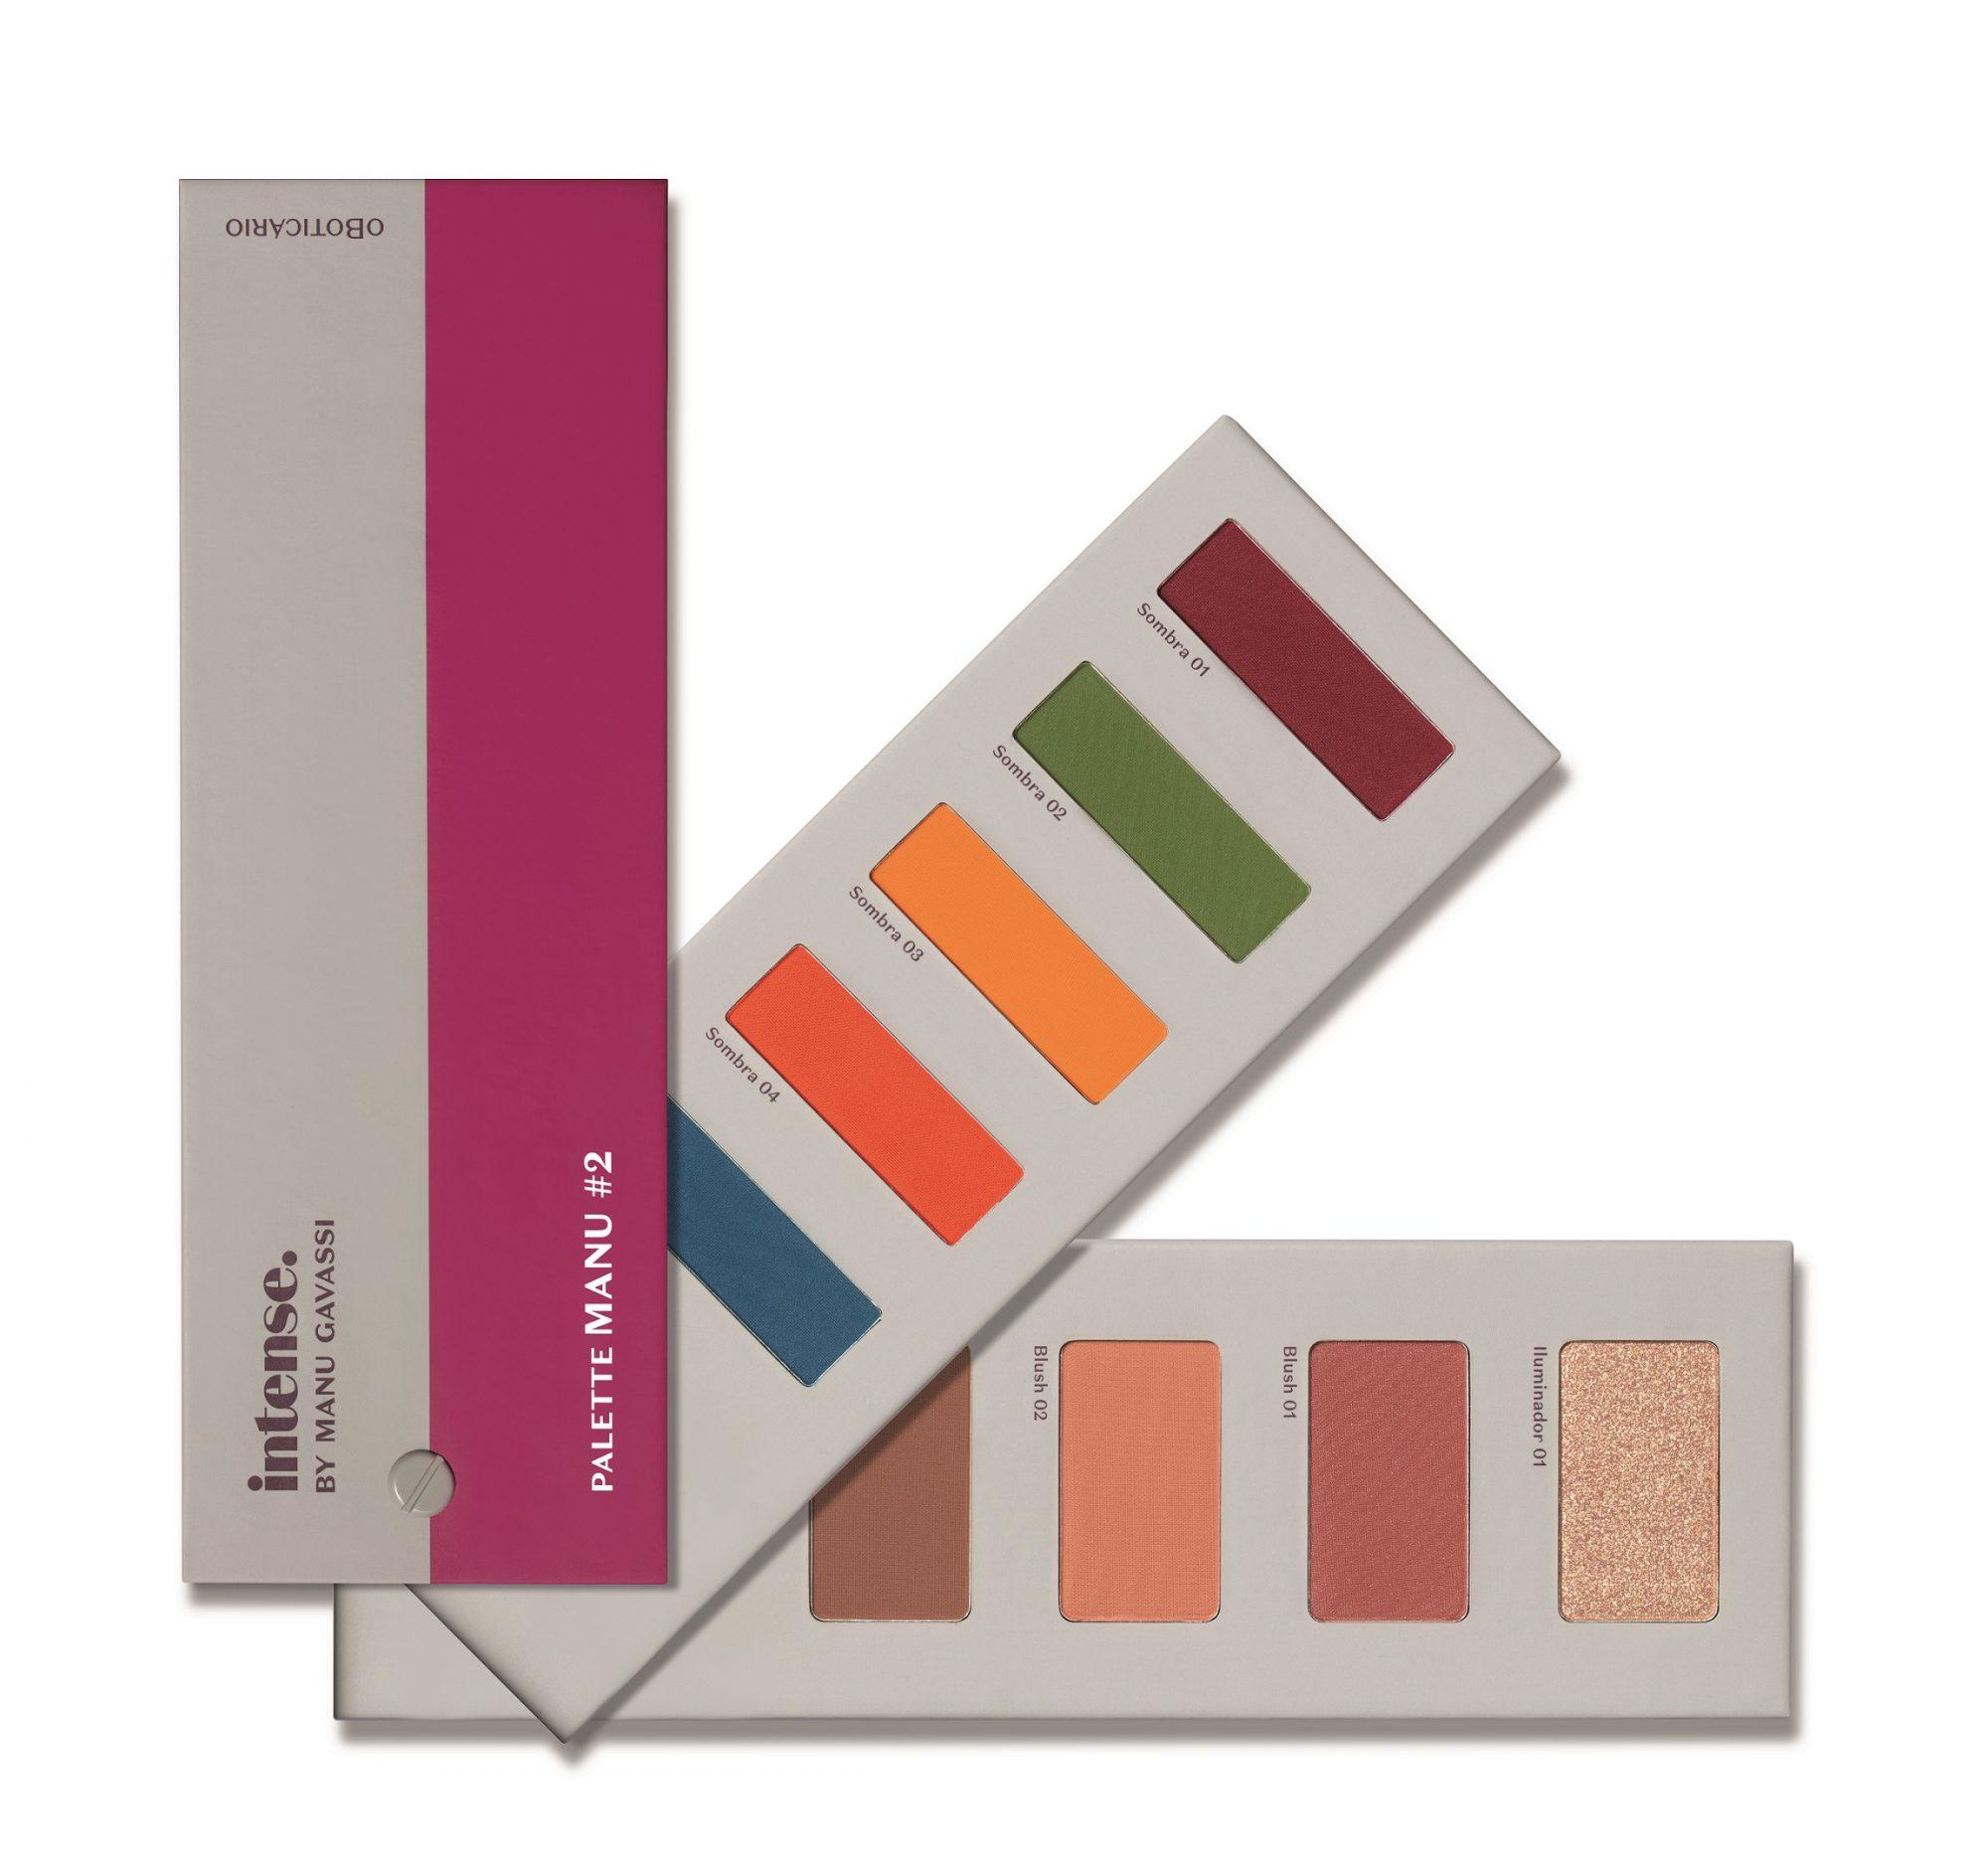 O Boticário e Manu Gavassi apresentam novos itens de maquiagem no maior movimento da linha Intense by Manu Gavassi desde o seu lançamento